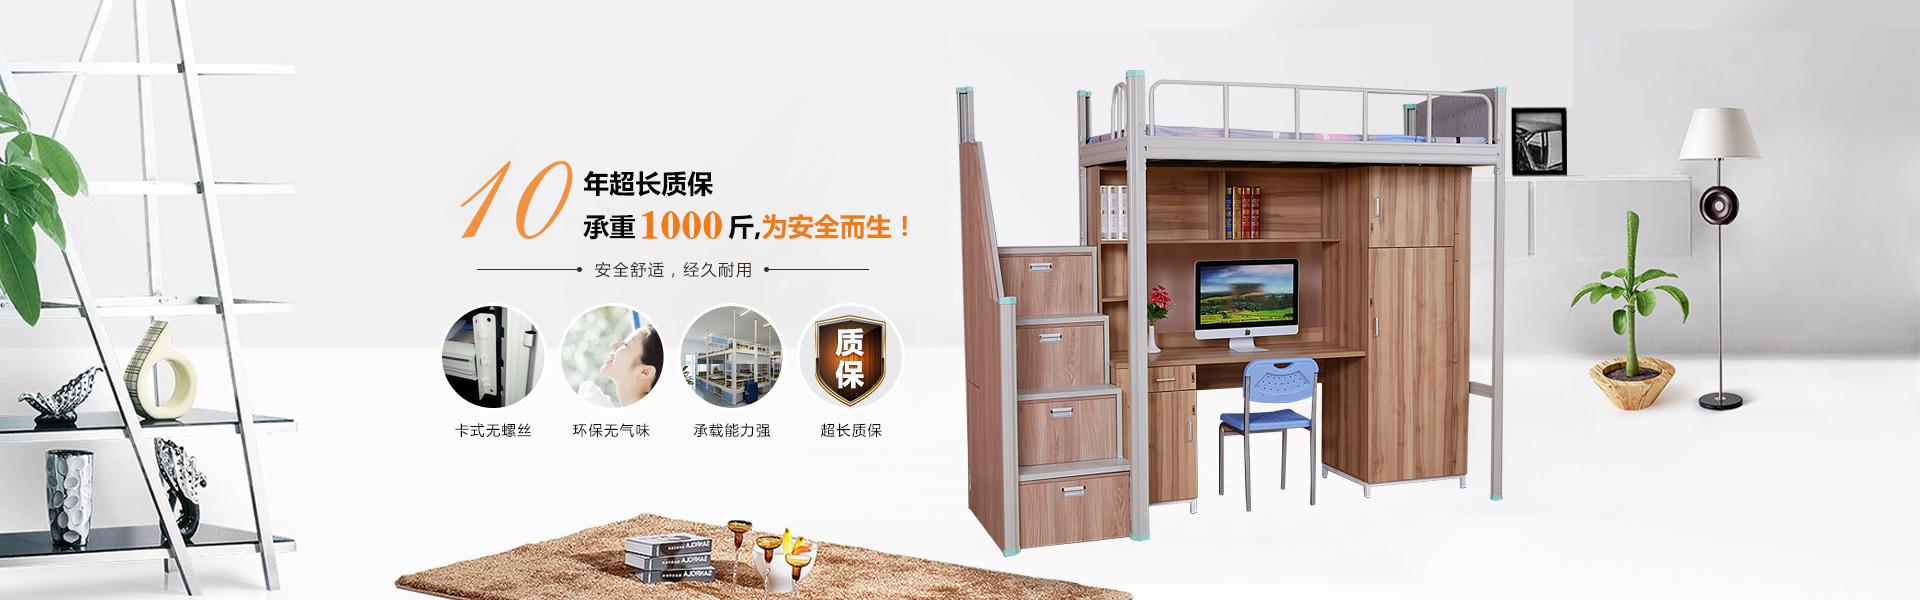 重庆上下铺铁床厂家